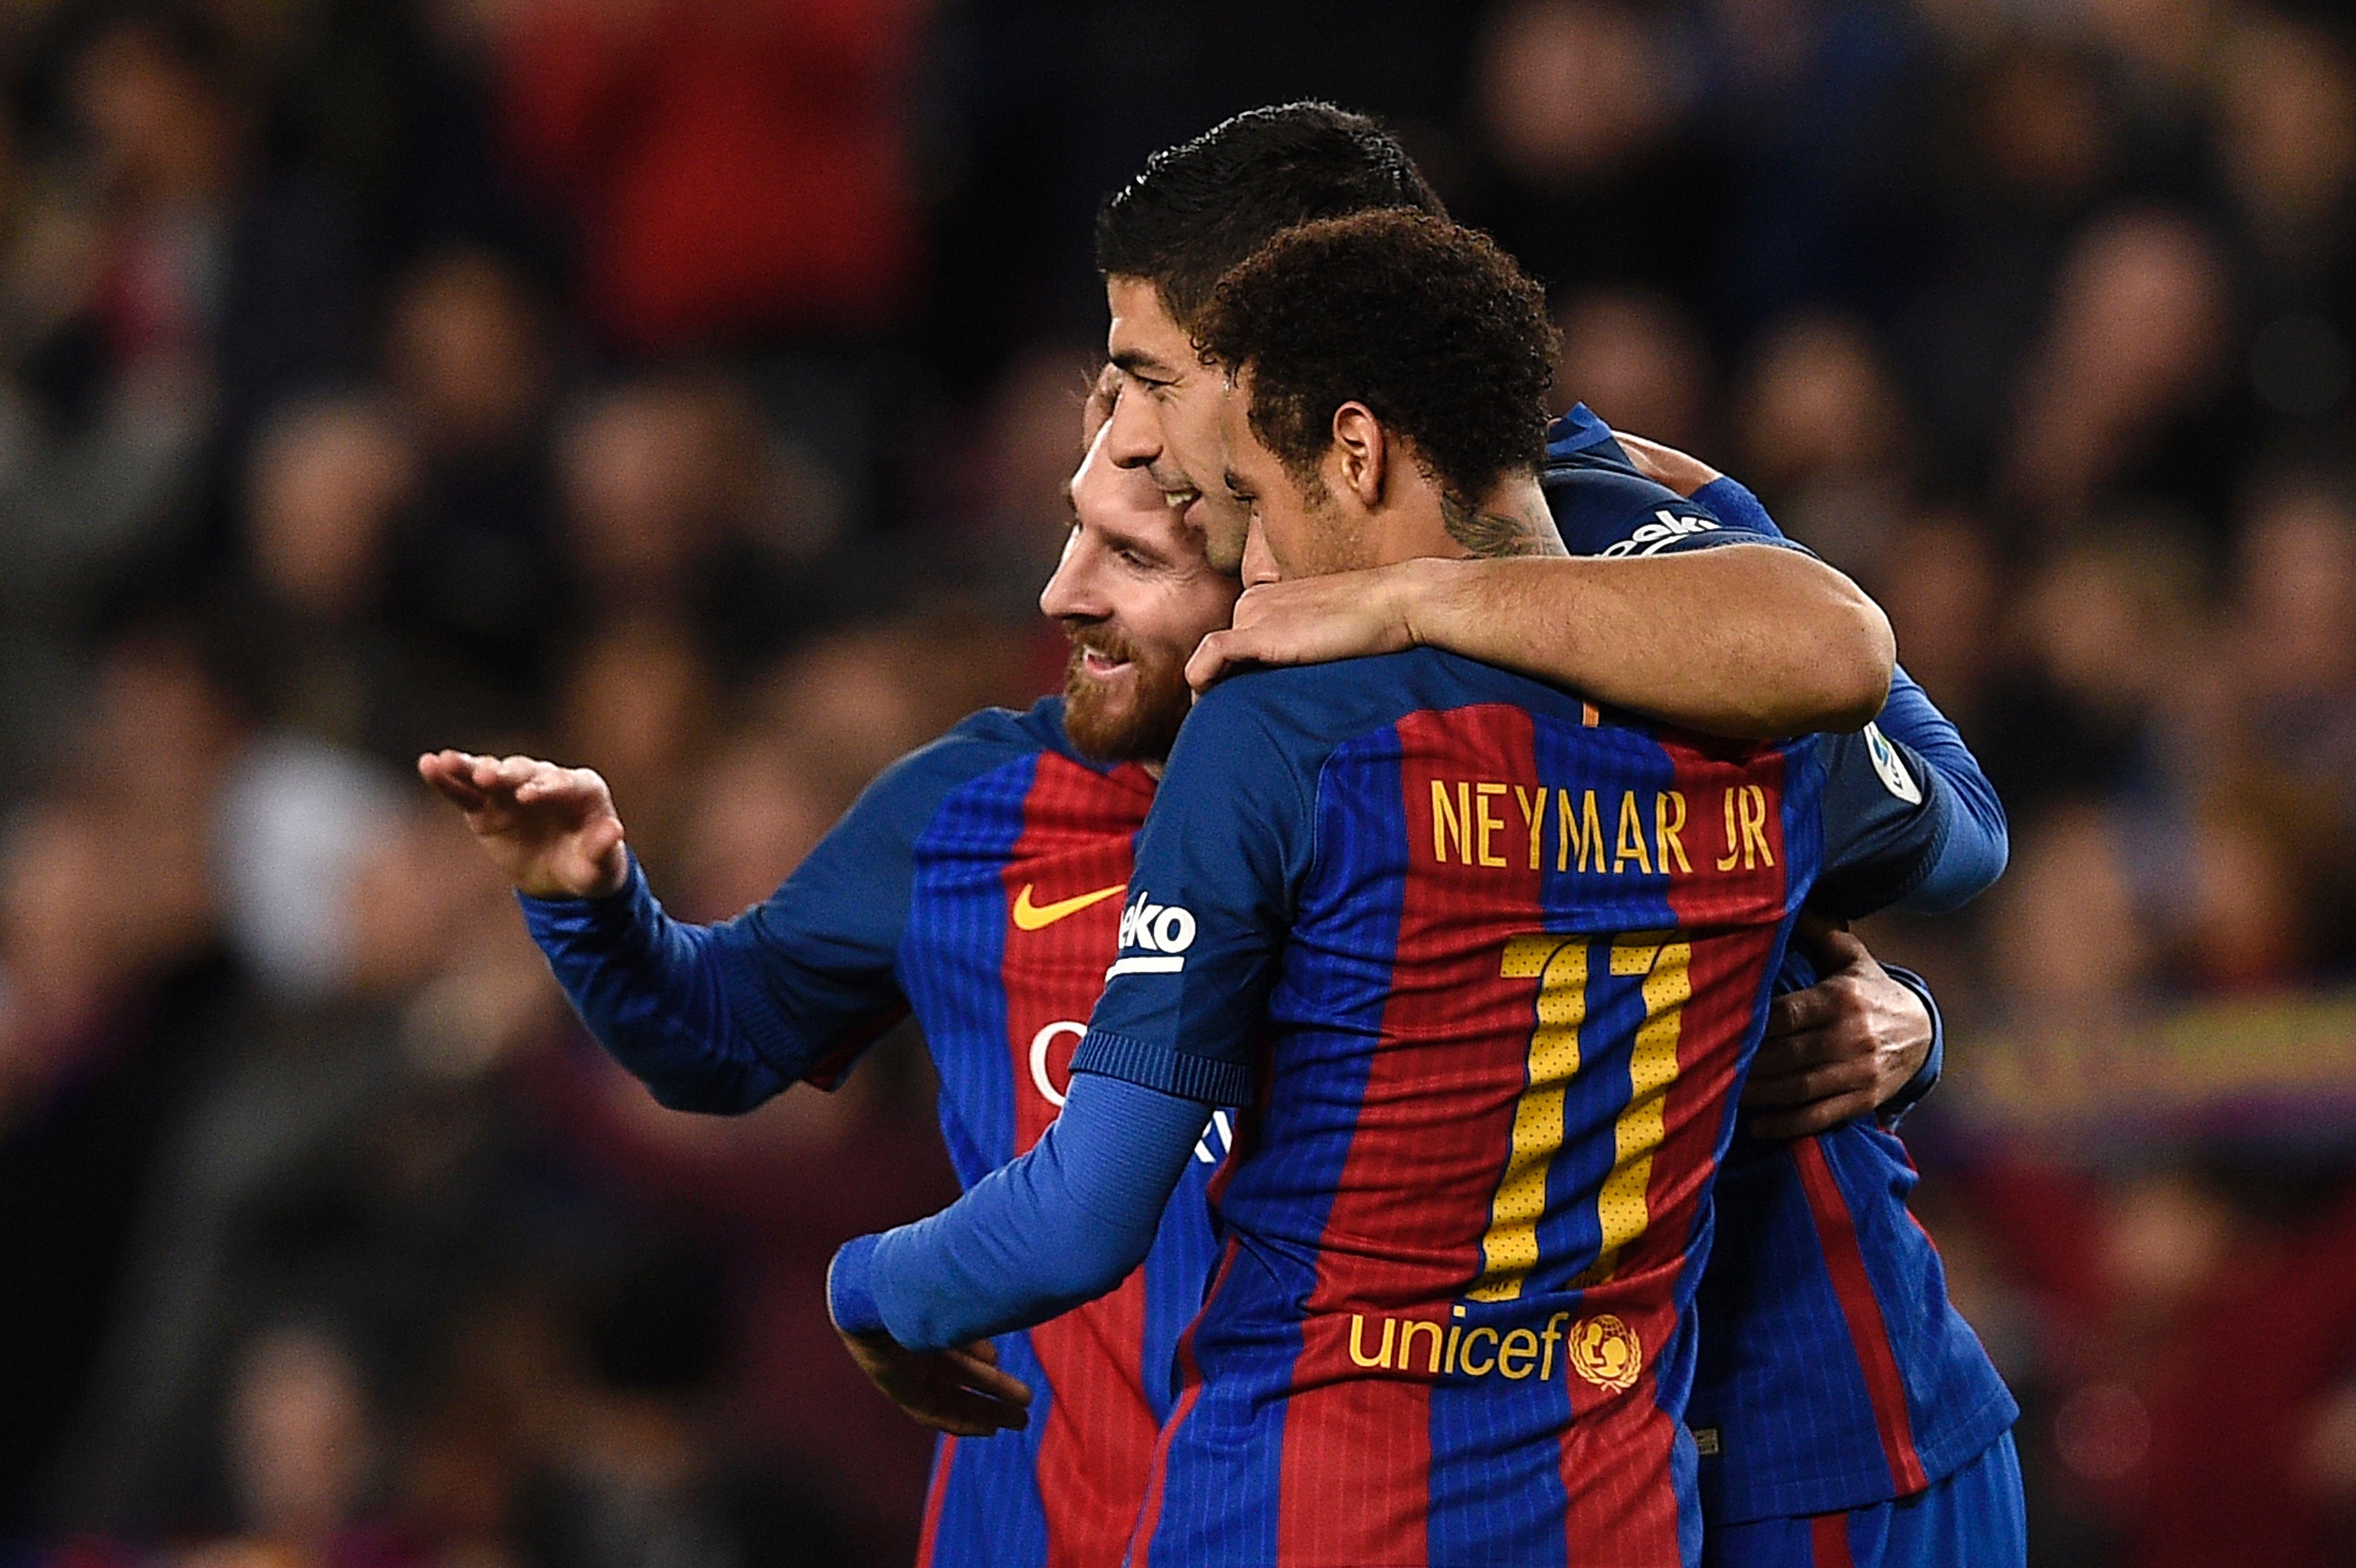 VÍDEO: Neymar também teve uma entrada violenta sobre Semedo